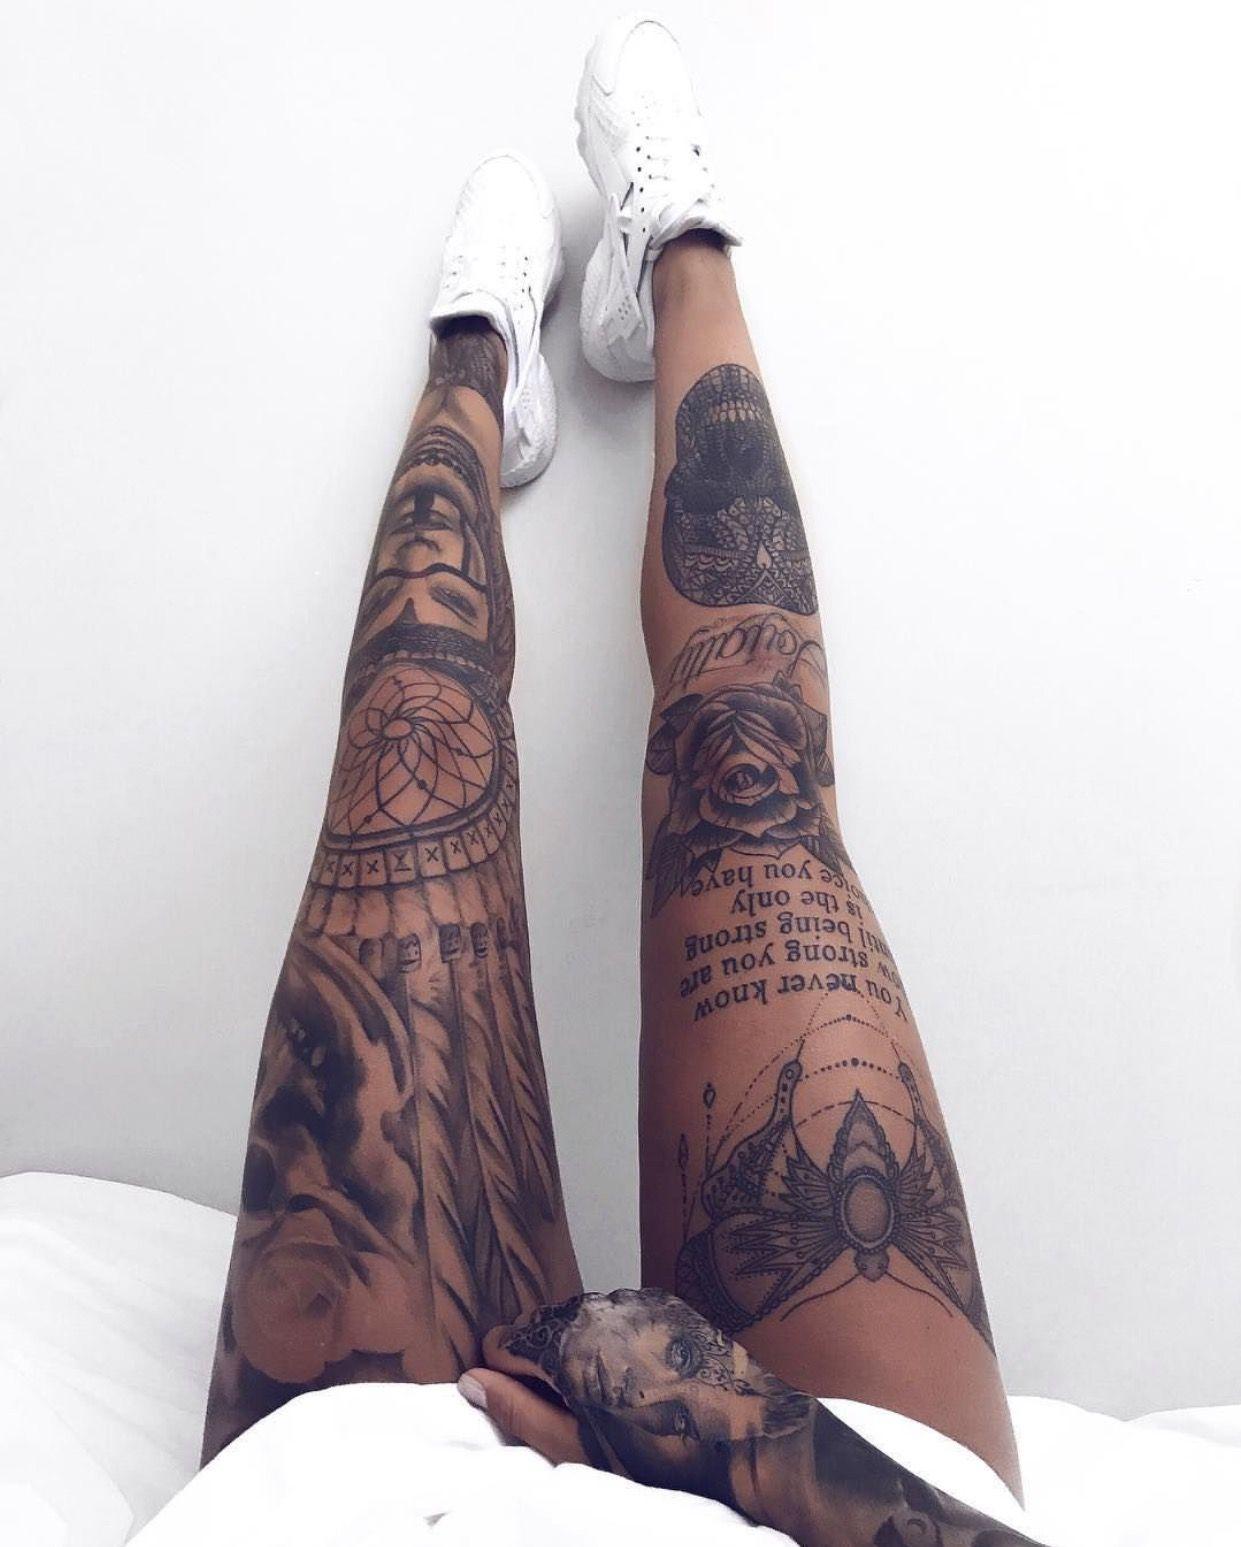 Frauen tattoo oberschenkel vorlagen 250+ Tattoos